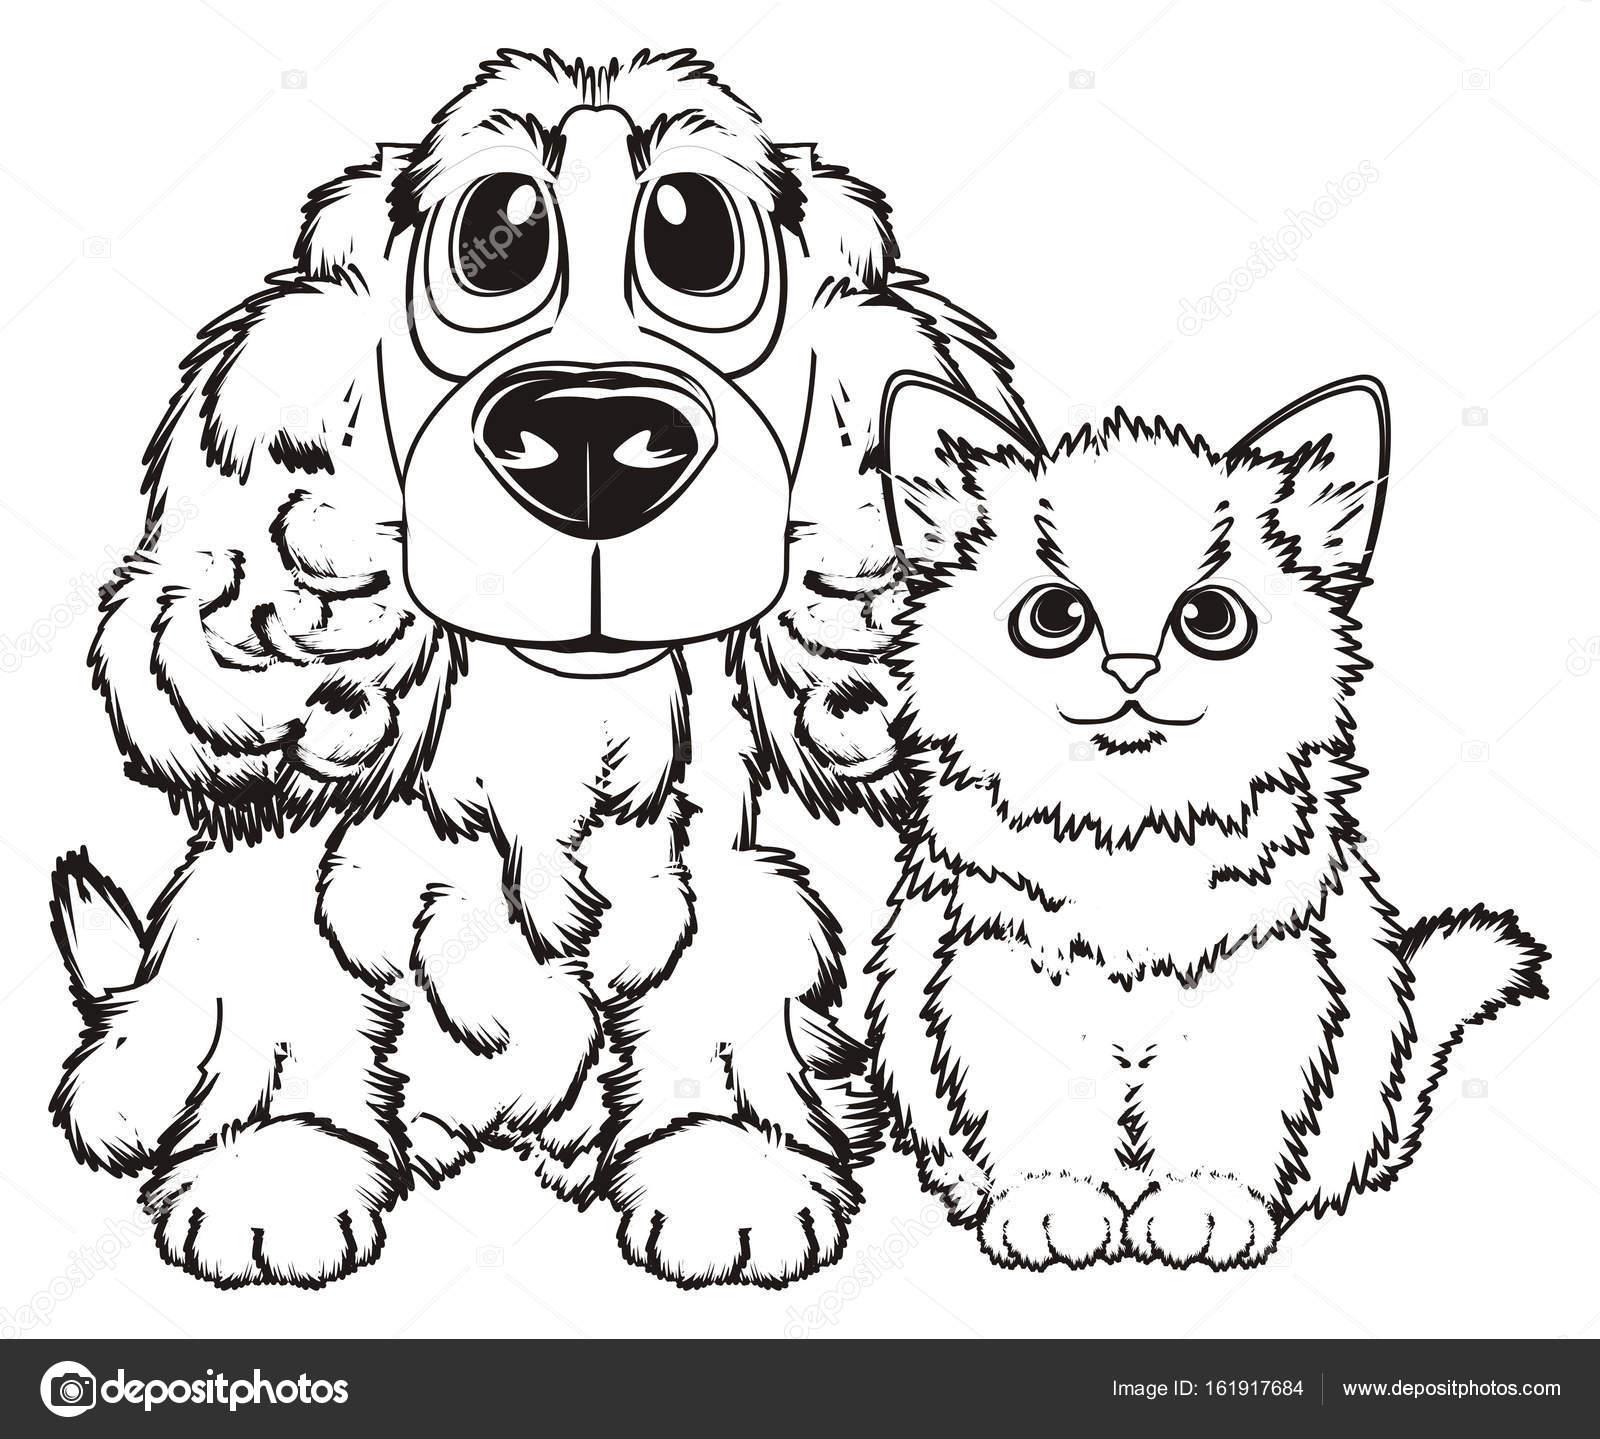 Kleurplaten Van Honden En Katten.Twee Huisdieren Kleurplaten Stockfoto C Tatty77tatty 161917684